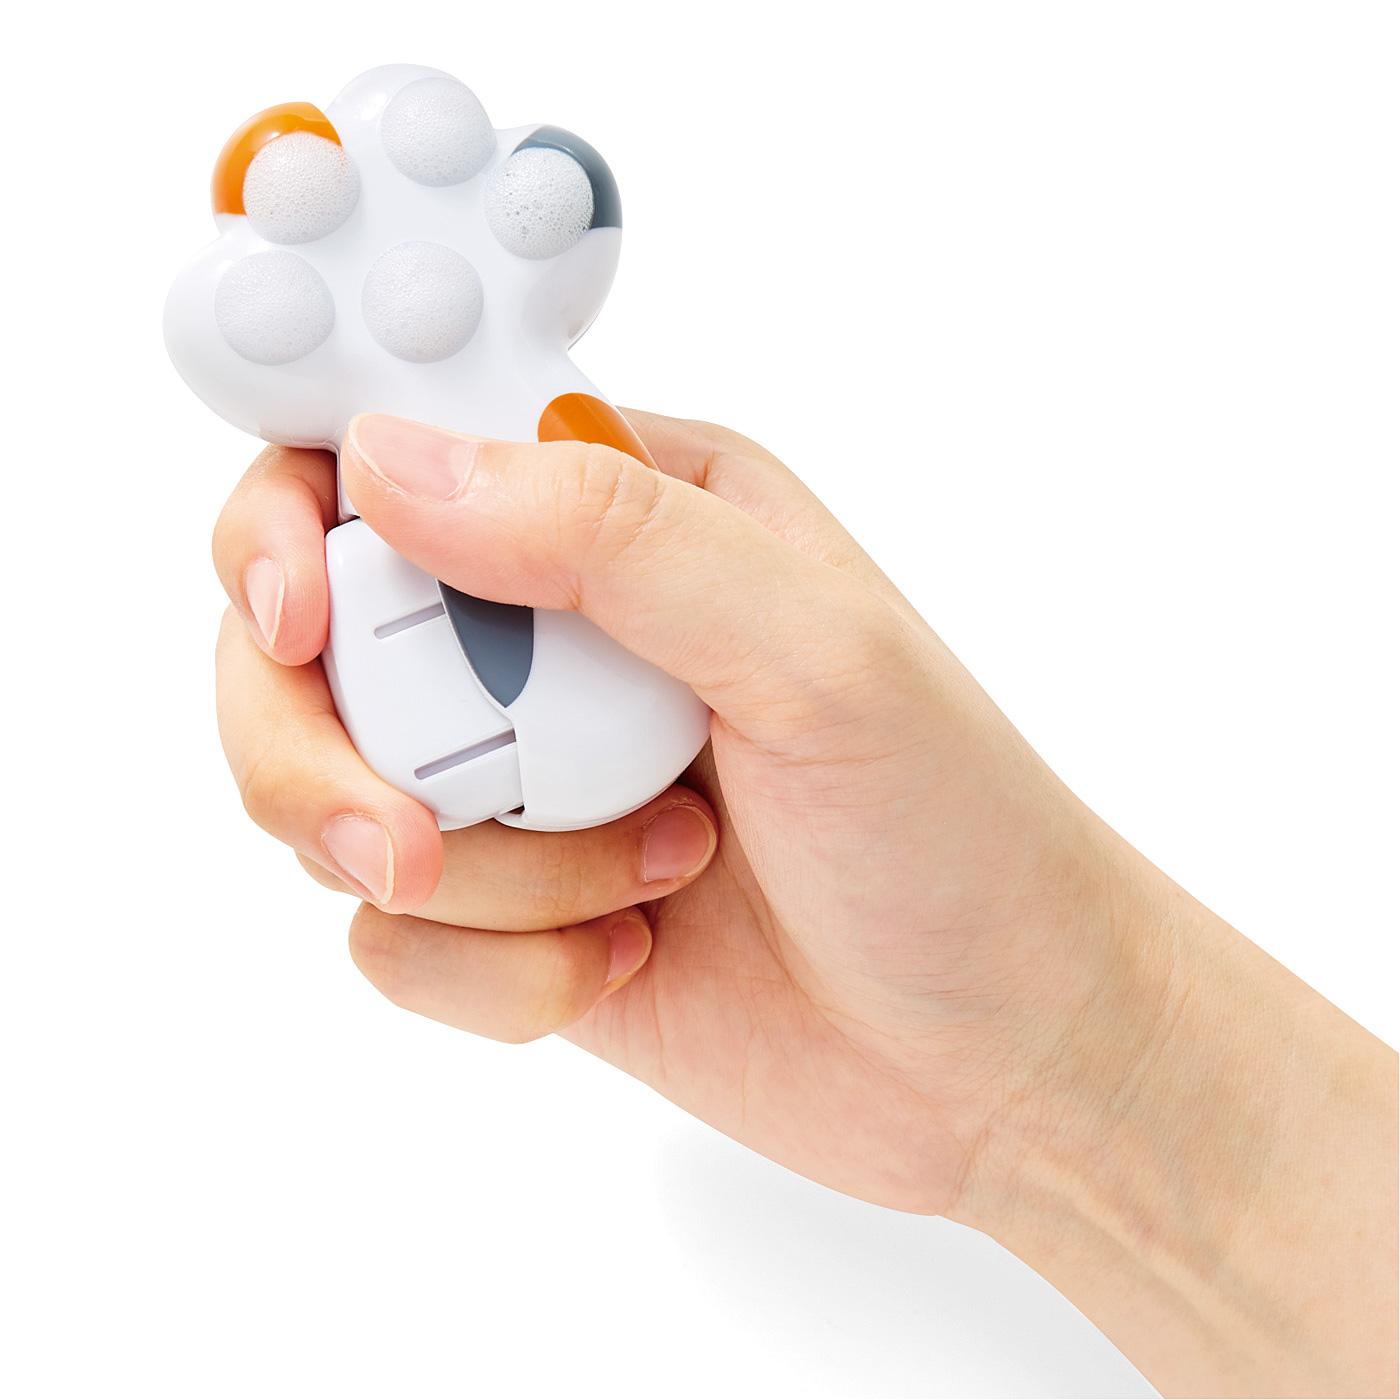 Kraso[クラソ]  携帯できるかわいいマイソープディスペンサー 泡にゃん レバーを数回握るだけ。肉球から泡がもこもこ出てきます。